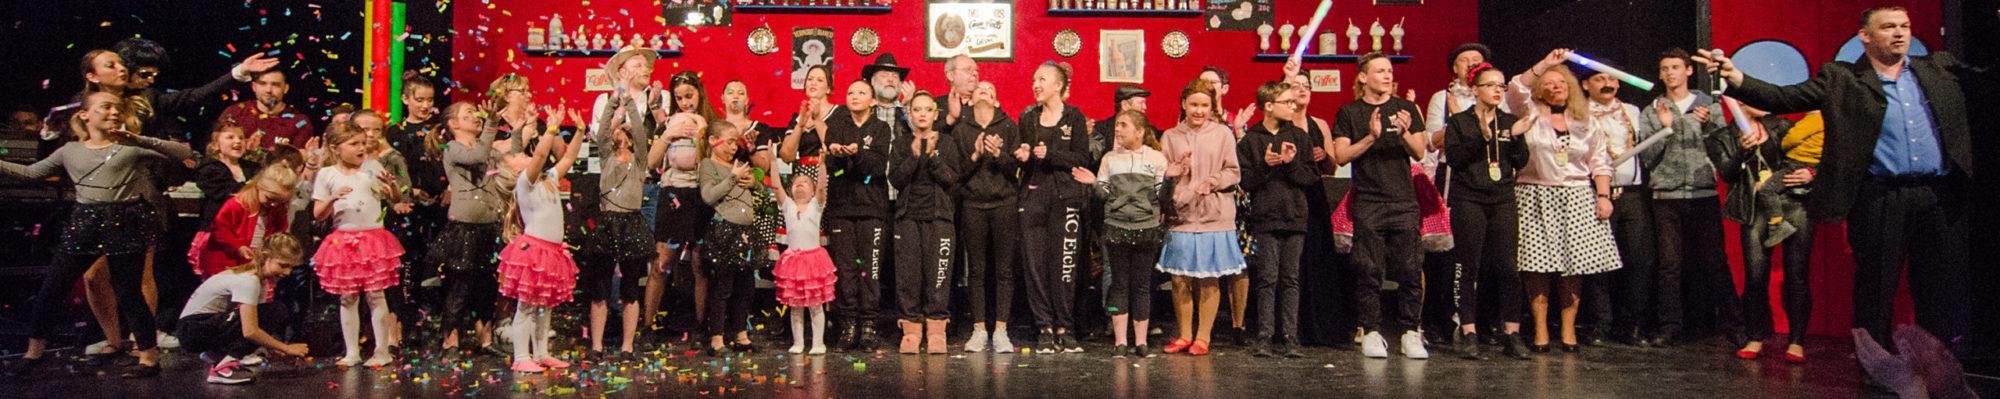 Tanzsport- und Karneval Club Eiche – KCE